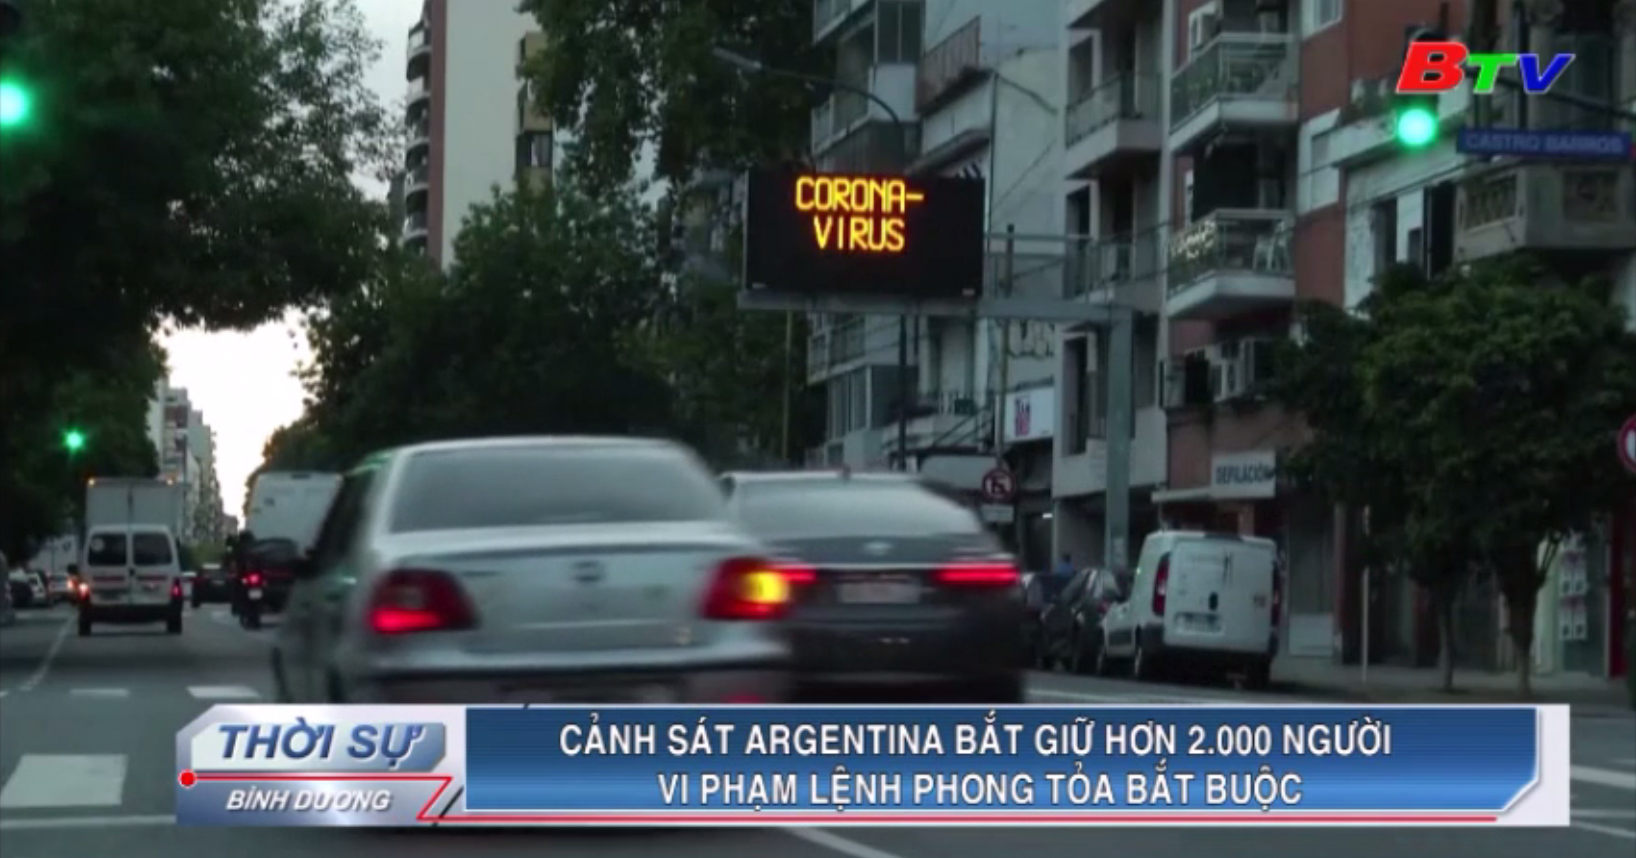 Cảnh sát Argentina bắt giữ hơn 2.000 người vi phạm lệnh phong tỏa bắt buộc